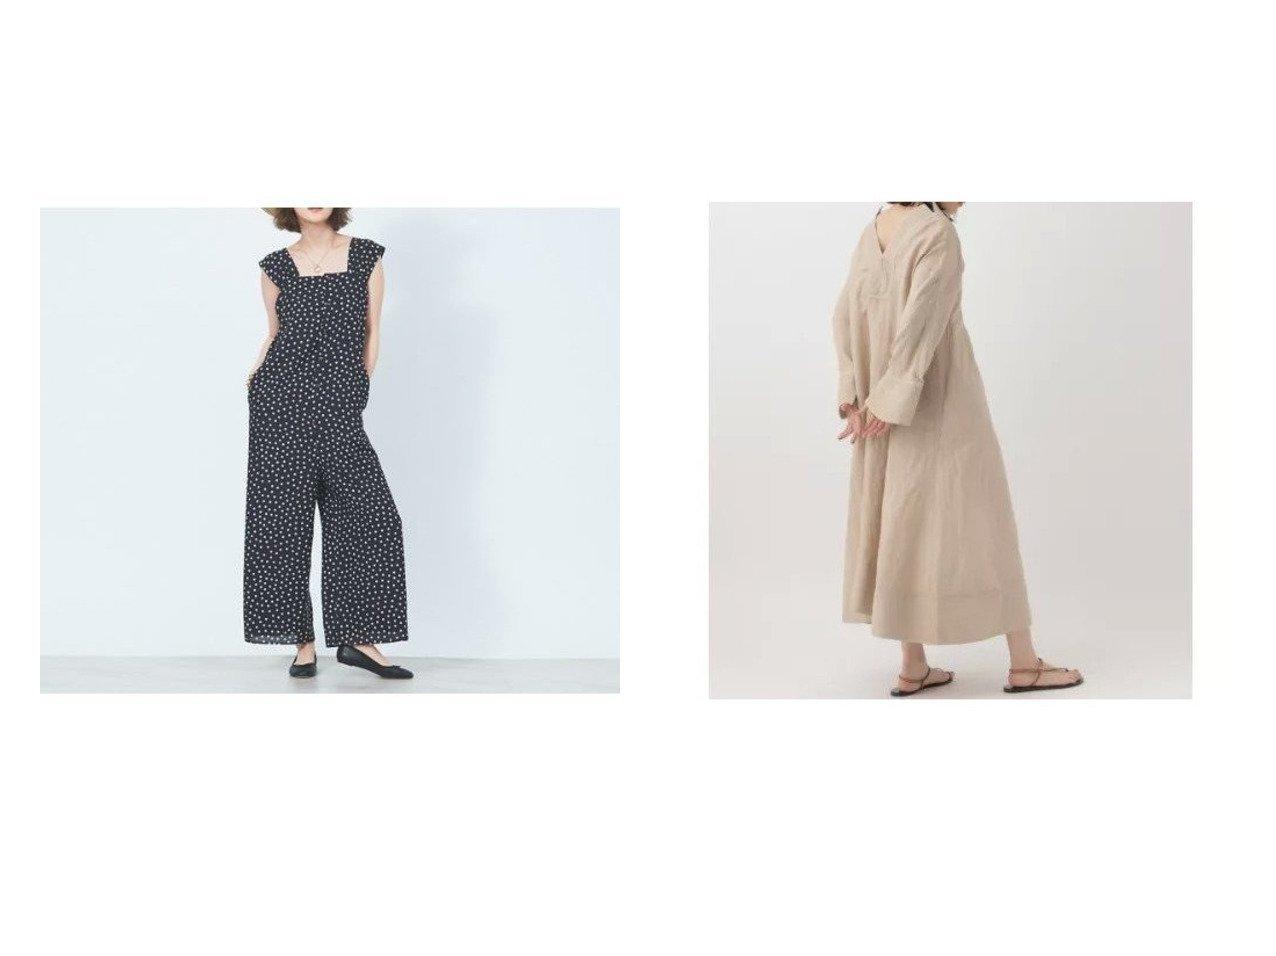 【Chaos/カオス】のCSアルパカリネンカフカワンピース&【Rouge vif/ルージュ ヴィフ】のドットプリントオールインワン 【ワンピース・ドレス】おすすめ!人気、トレンド・レディースファッションの通販 おすすめで人気の流行・トレンド、ファッションの通販商品 インテリア・家具・メンズファッション・キッズファッション・レディースファッション・服の通販 founy(ファニー) https://founy.com/ ファッション Fashion レディースファッション WOMEN ワンピース Dress オールインワン ワンピース All In One Dress キャミソール シンプル ドット プリント インナー ドレス フォルム ルーズ 長袖 |ID:crp329100000046227